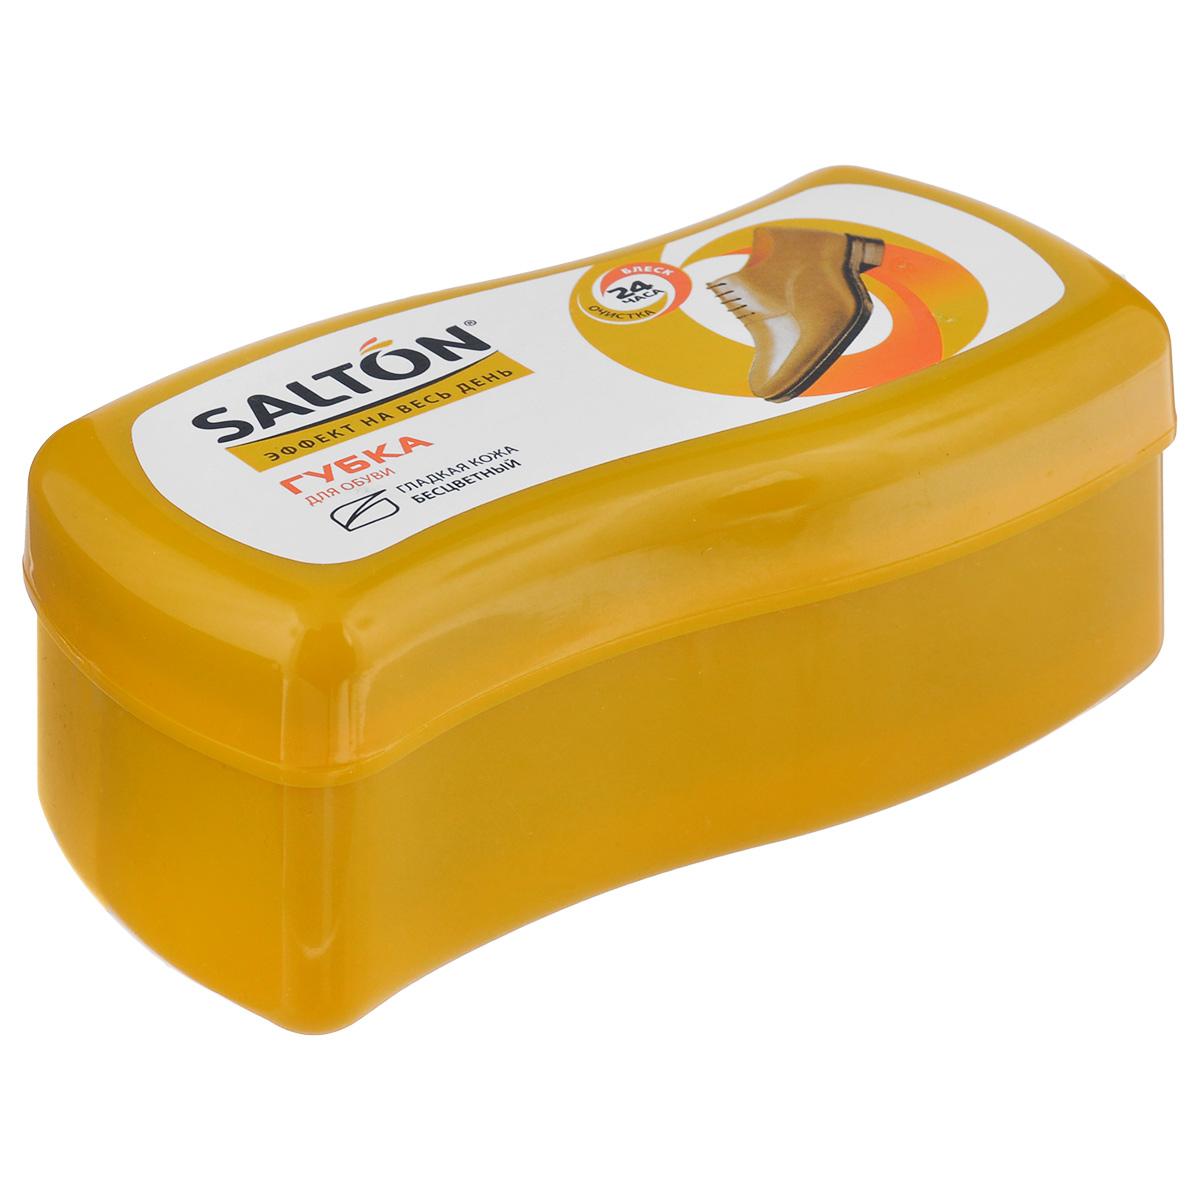 Губка Salton Волна для обуви из гладкой кожи, цвет: бесцветный, 12 см х 5,5 см х 5,5 см262586061Губка Salton Волна с норковым маслом предназначена для ухода за обувью из гладкой кожи, она придает ей естественный блеск. Не использовать для замши, нубука и текстиля. Размер: 12 см х 5,5 см х 5,5 см. Состав: пенополиуретан, силиконовое масло, норковое масло, воск, ланолин, отдушка. Товар сертифицирован.